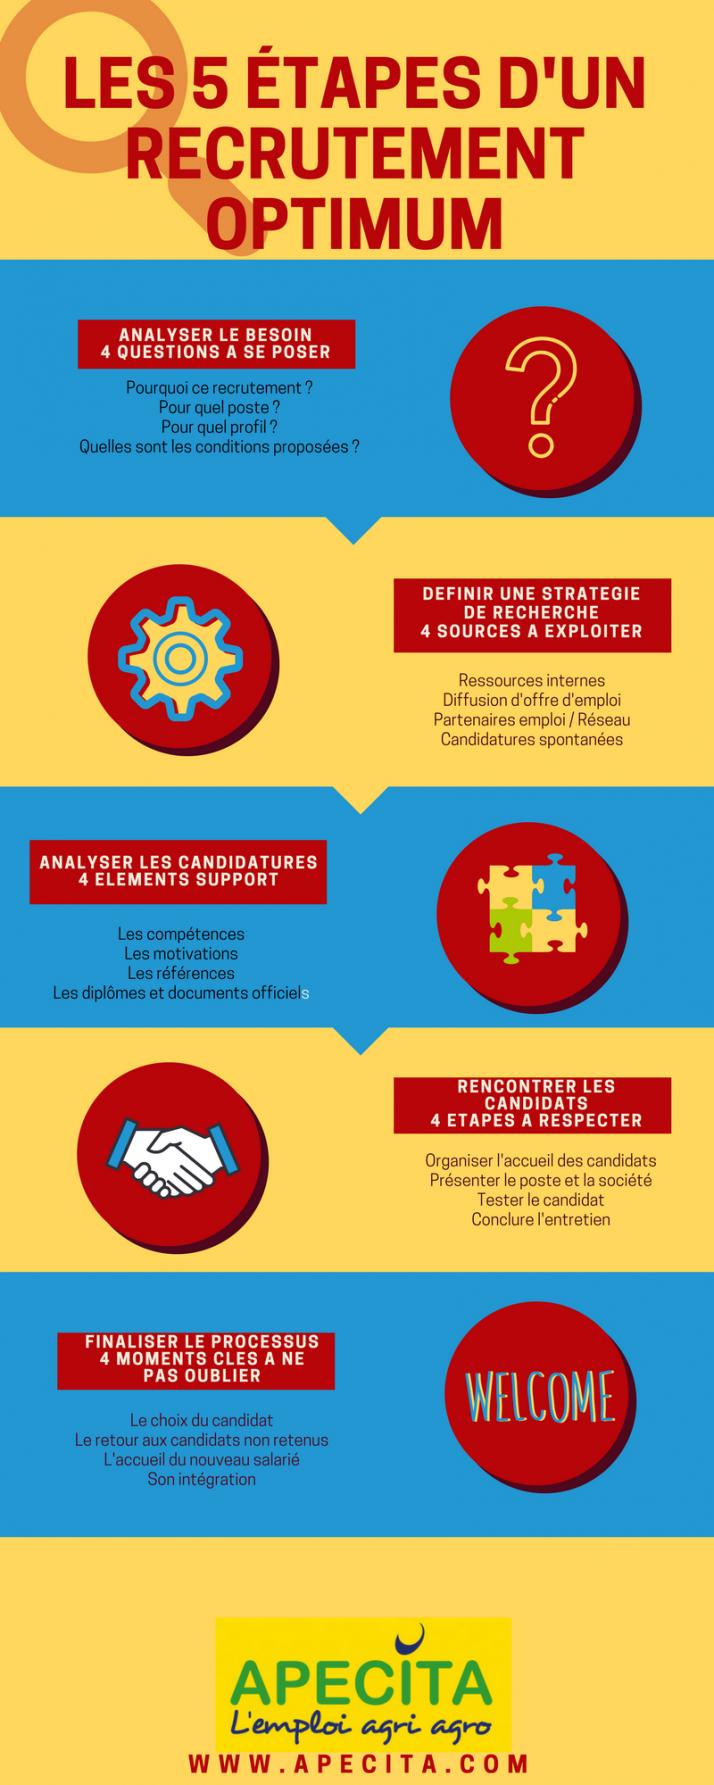 Les 5 étapes du recrutement en agriculture résumées dans une infographie (Apecita)